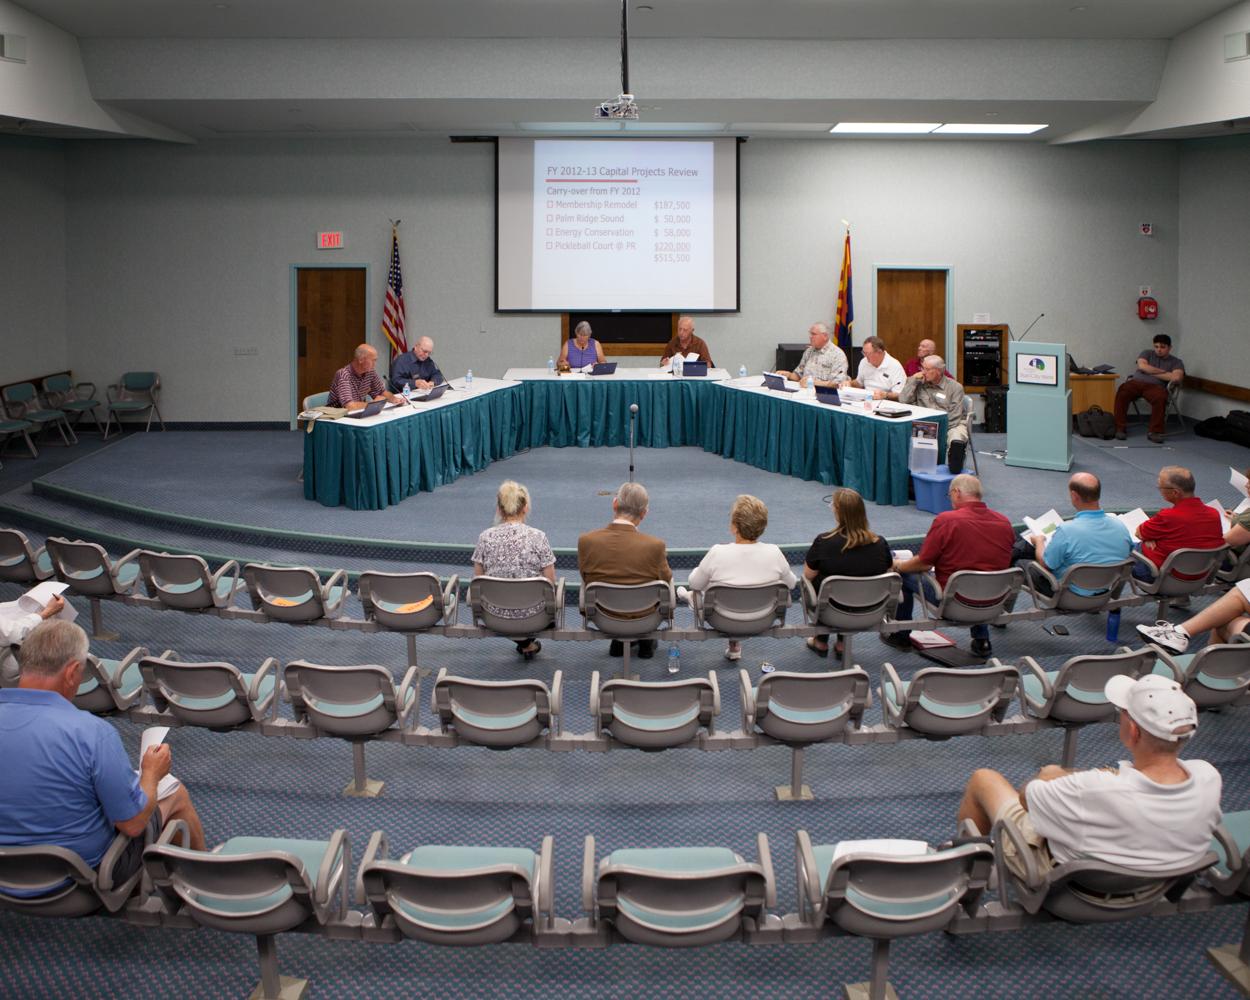 Session publique mensuelle du board, Sun City West